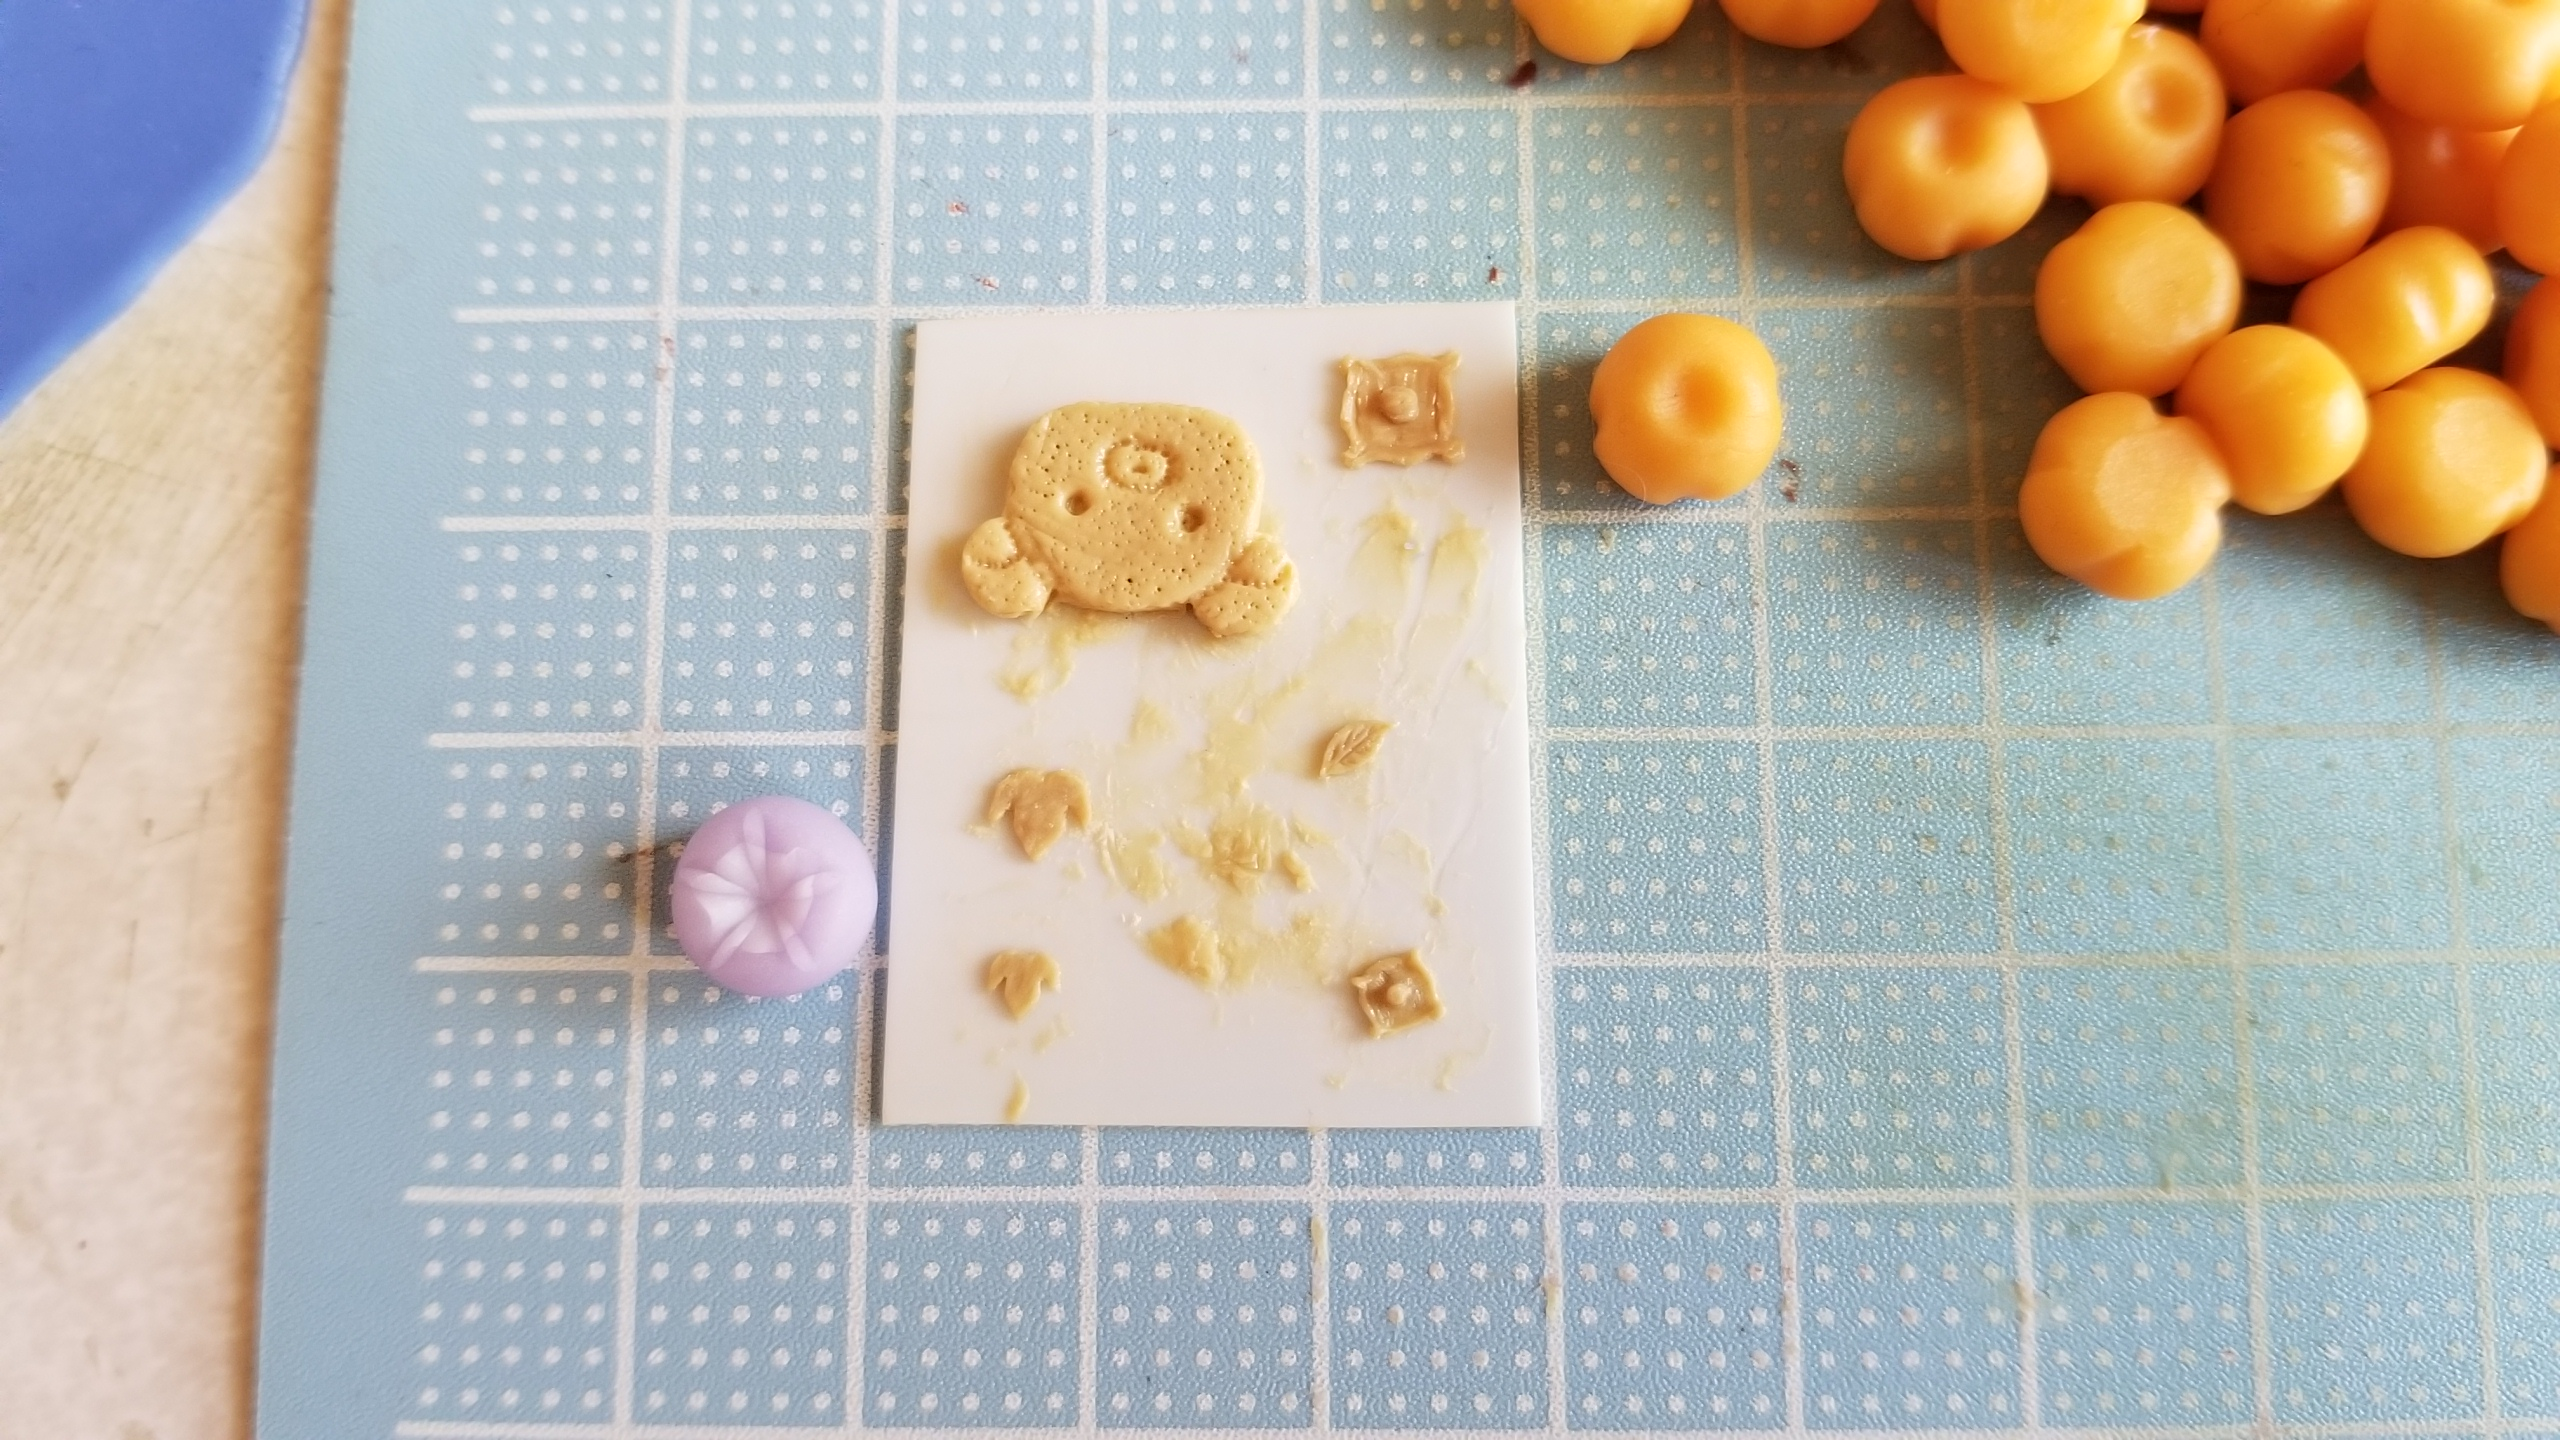 ミニチュアフード,和菓子,柿,朝顔,原型,複製,作り方,樹脂粘土